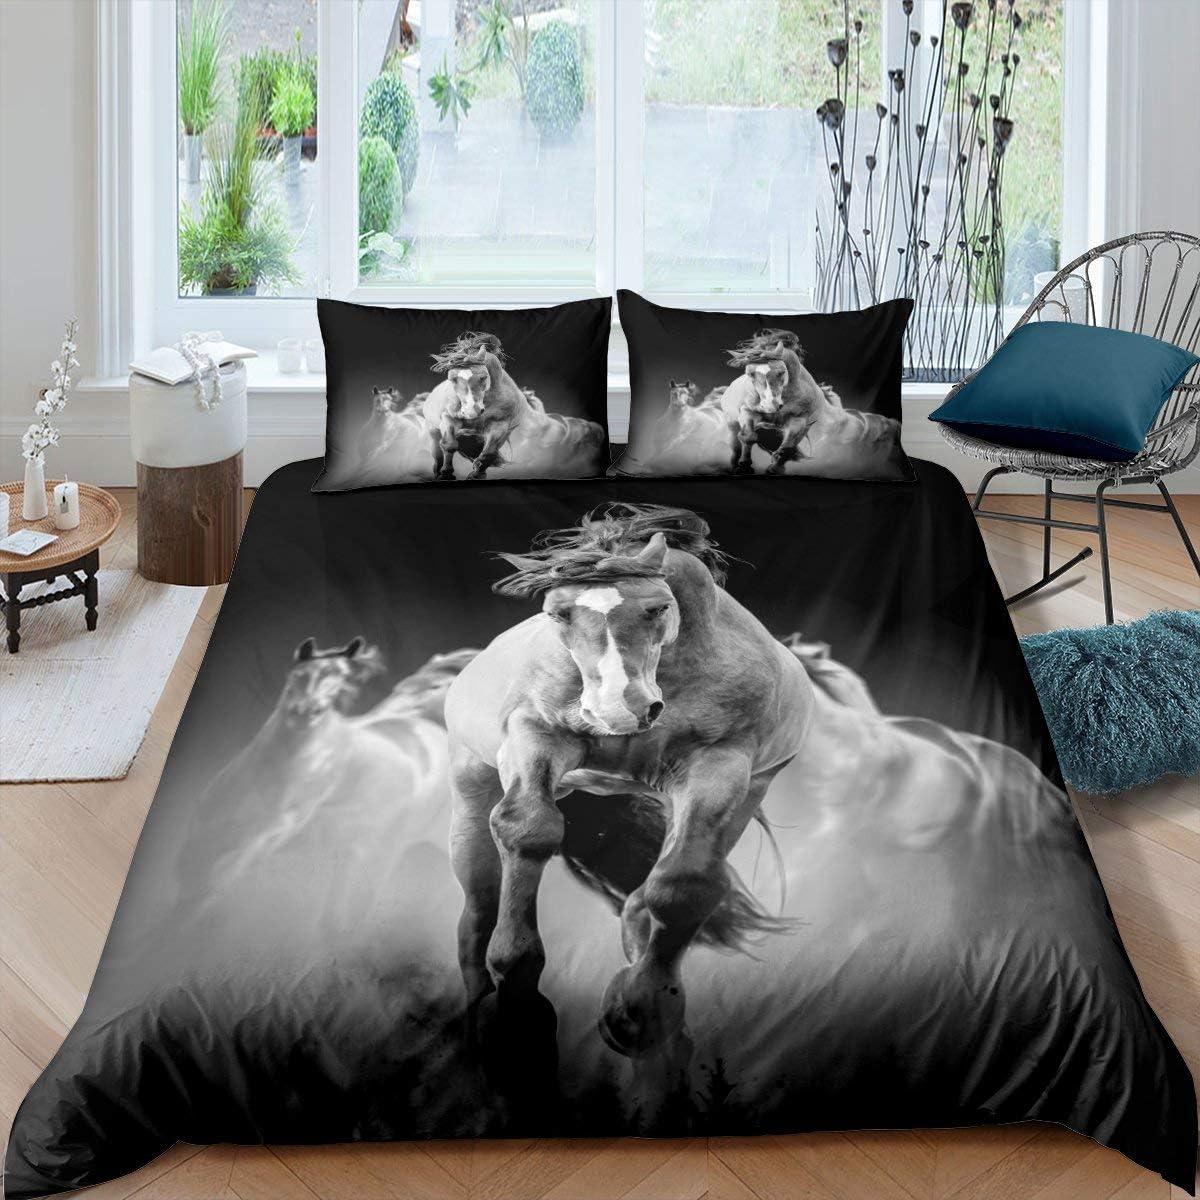 Erosebridal Adults Horse Comforter Cover Running C 豊富な品 人気急上昇 Duvet Horses